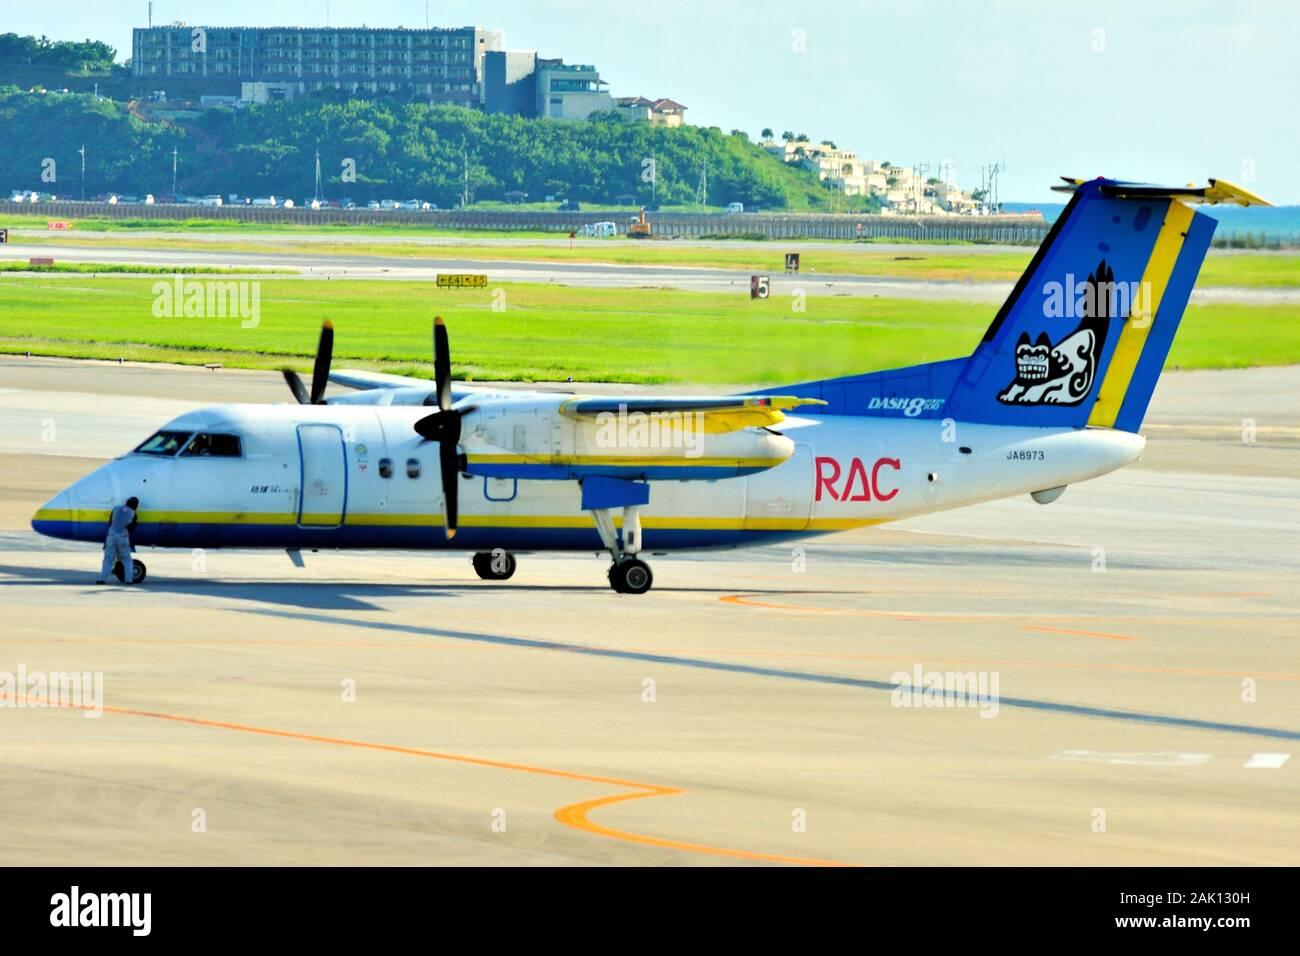 Air Commuter Ryukyu, RAC, De Havilland Canada DHC-8-100, Dash 8, JA8973, Se préparer pour le départ, l'aéroport de Naha, Okinawa, Japon Banque D'Images